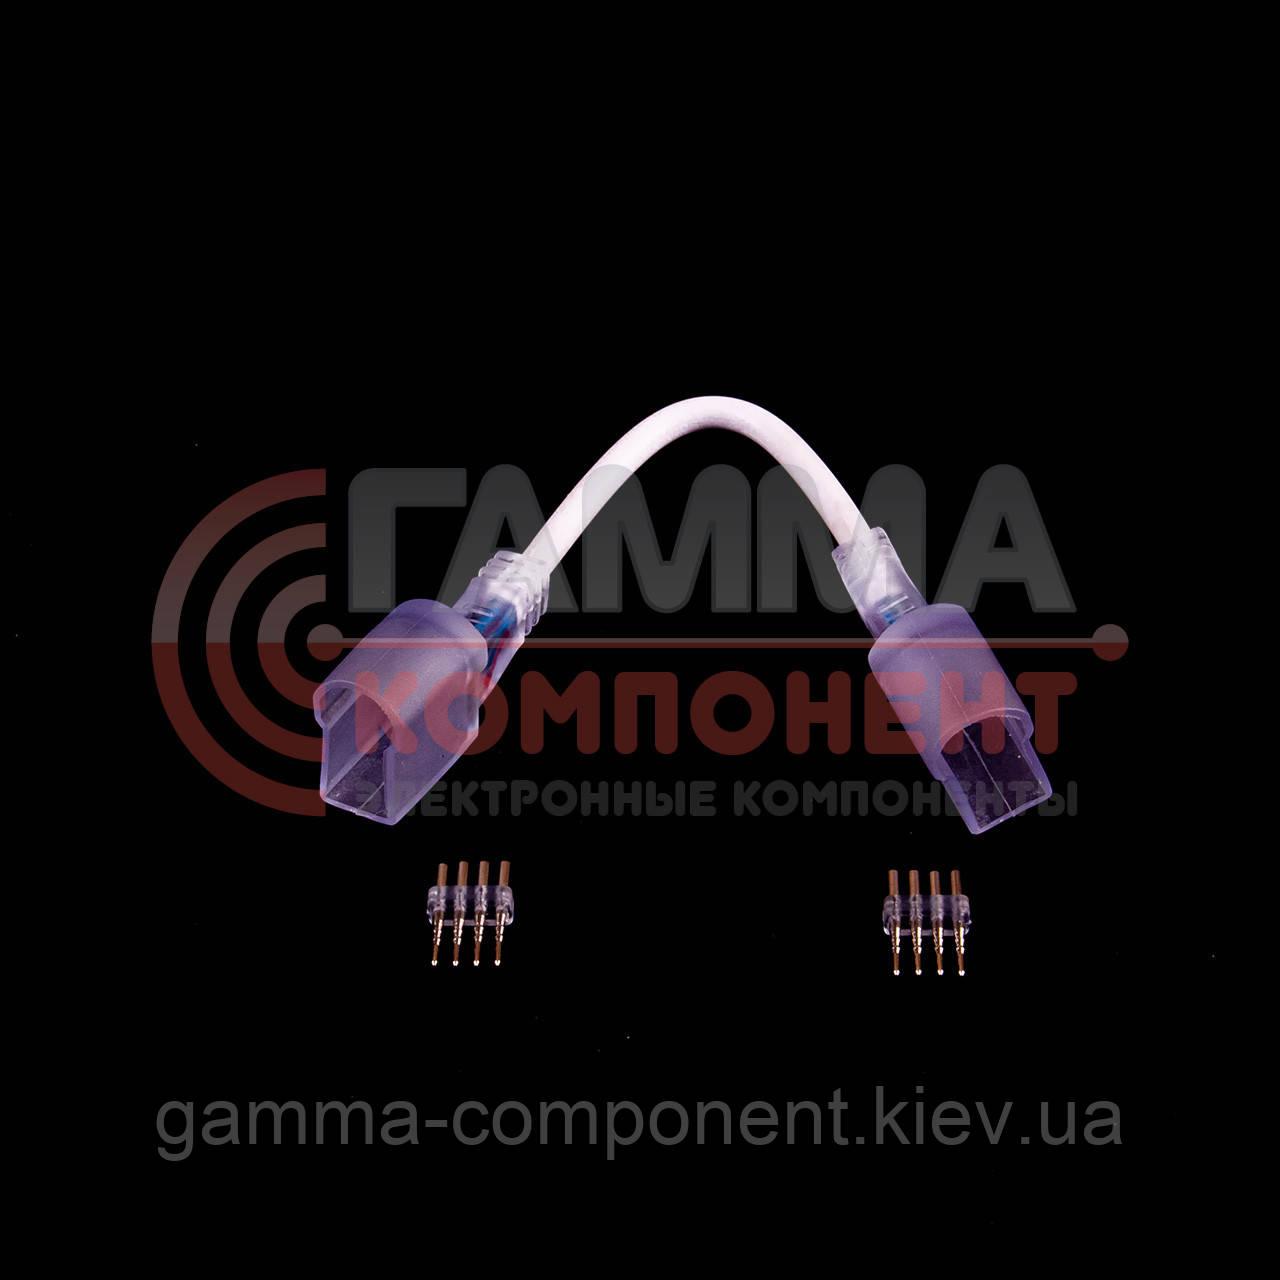 Коннектор двухсторонний для светодиодного неона RGB 220В AVT smd 5050-72 лед/м + провод 4 pin